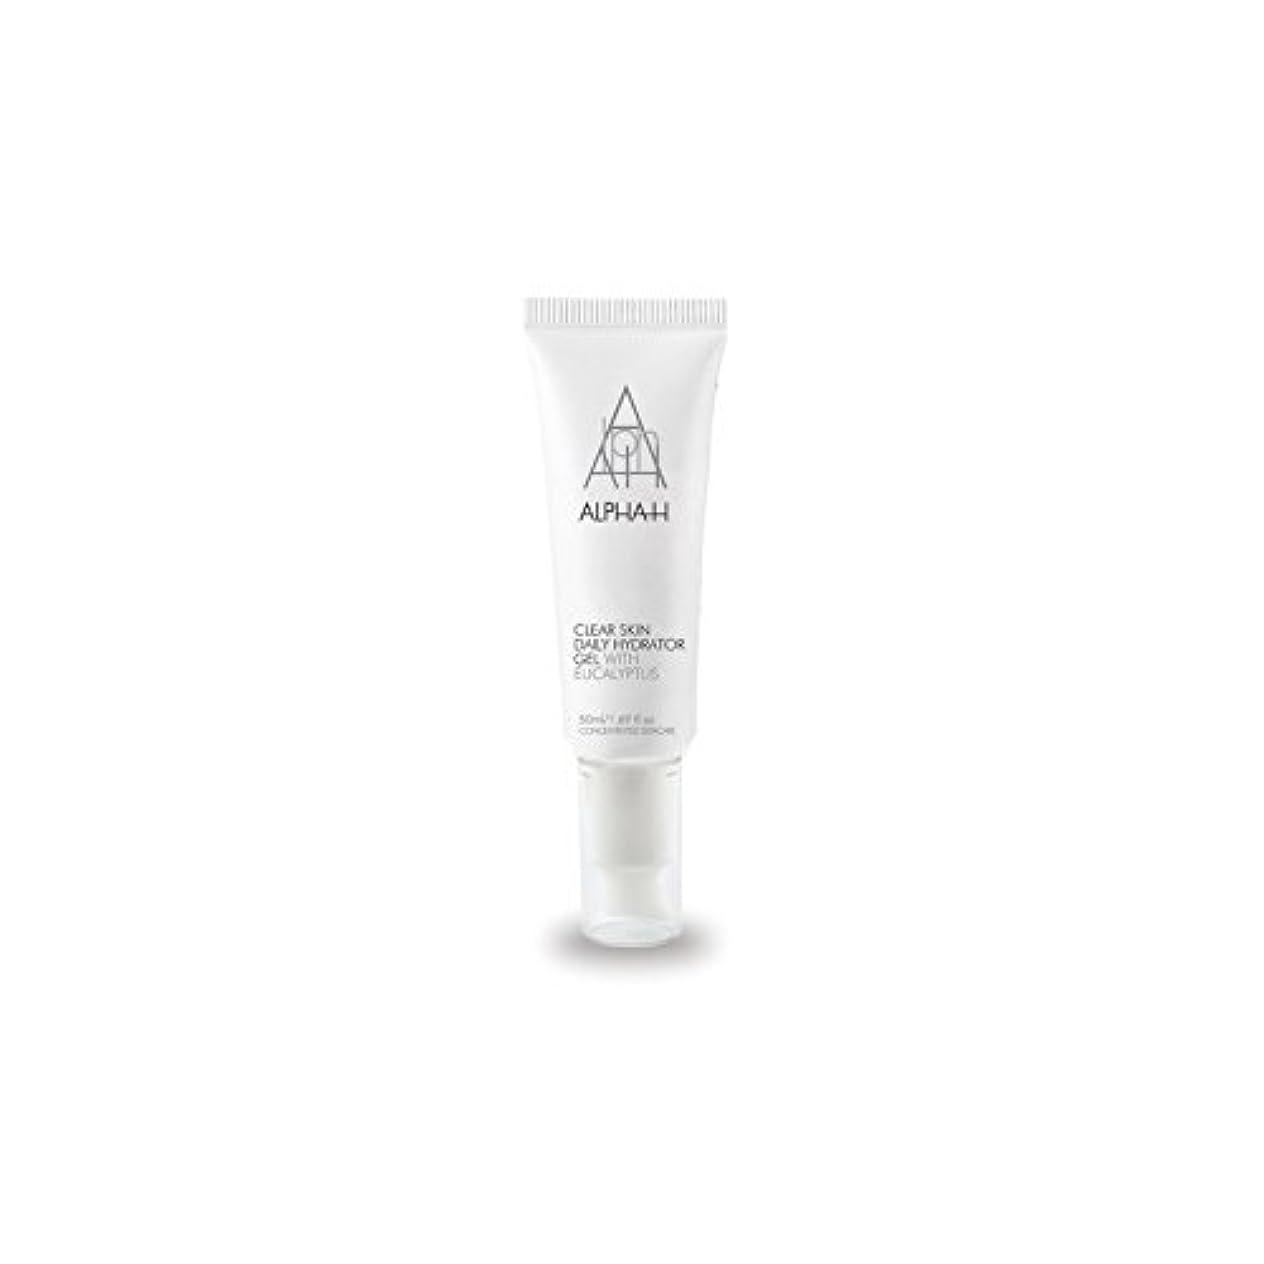 悪化する回る不実アルファクリア皮膚毎日ハイドレーターゲル(50)中 x4 - Alpha-H Clear Skin Daily Hydrator Gel (50ml) (Pack of 4) [並行輸入品]